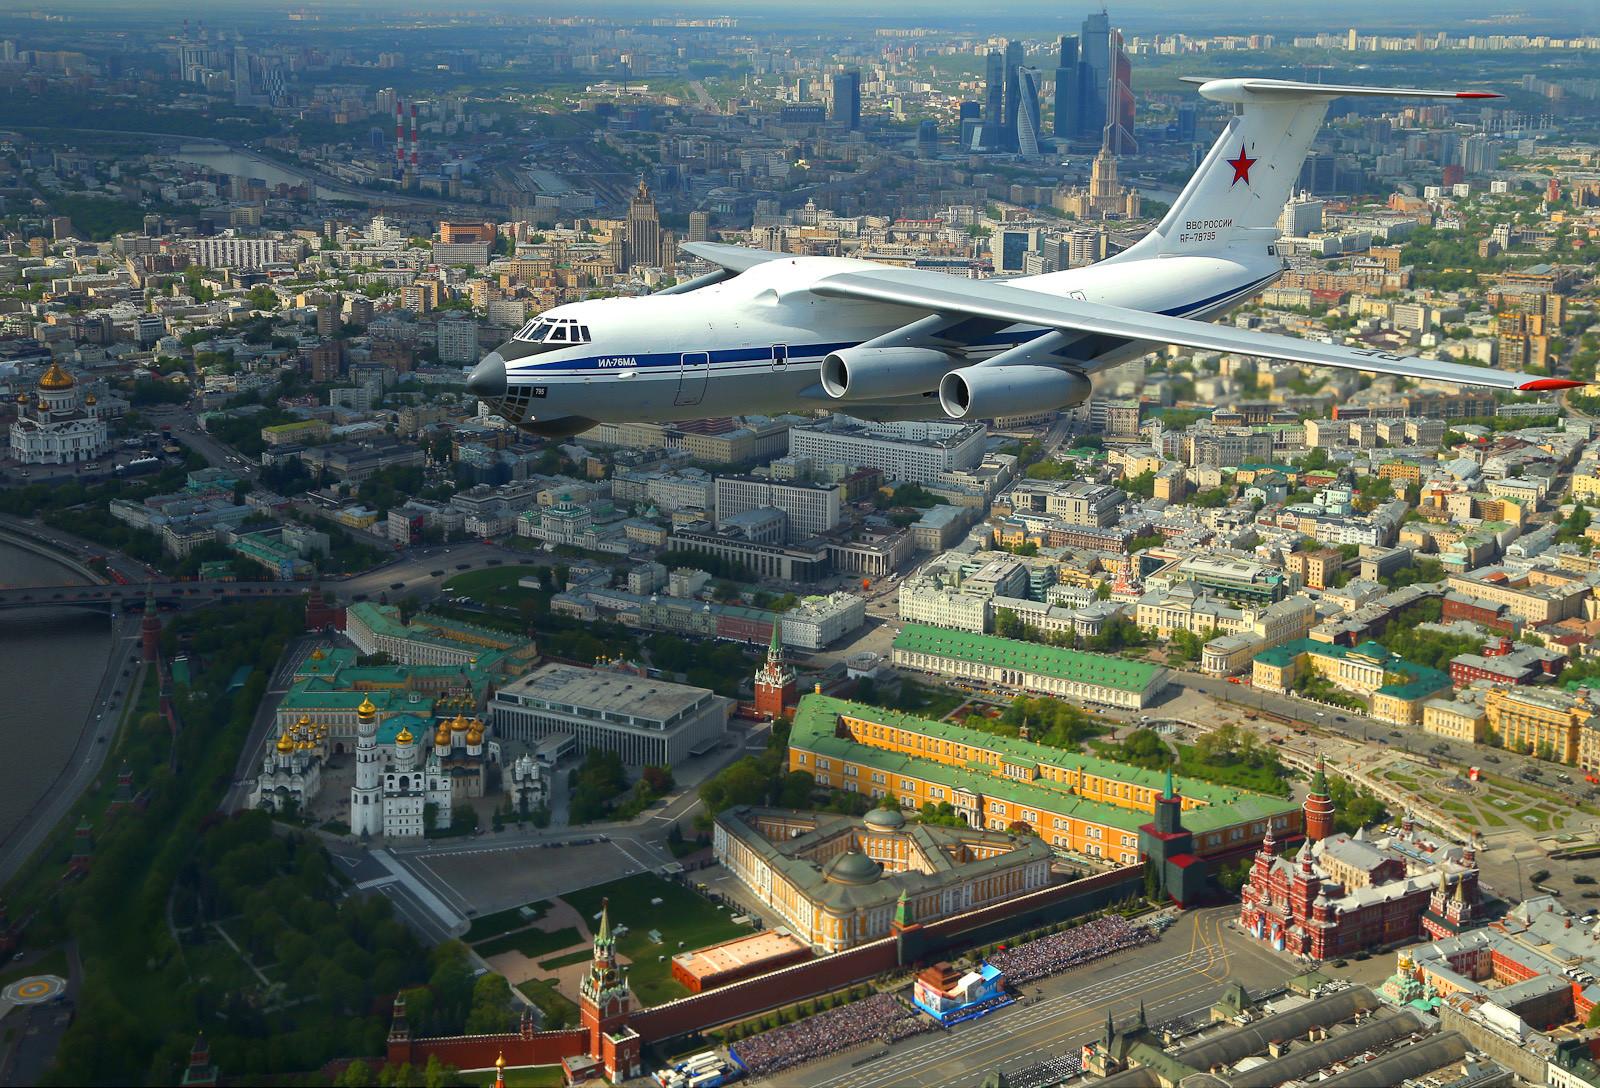 L'Ilyushin Il-76, un quadrigetto da trasporto strategico multiruolo, in volo sopra il Cremlino